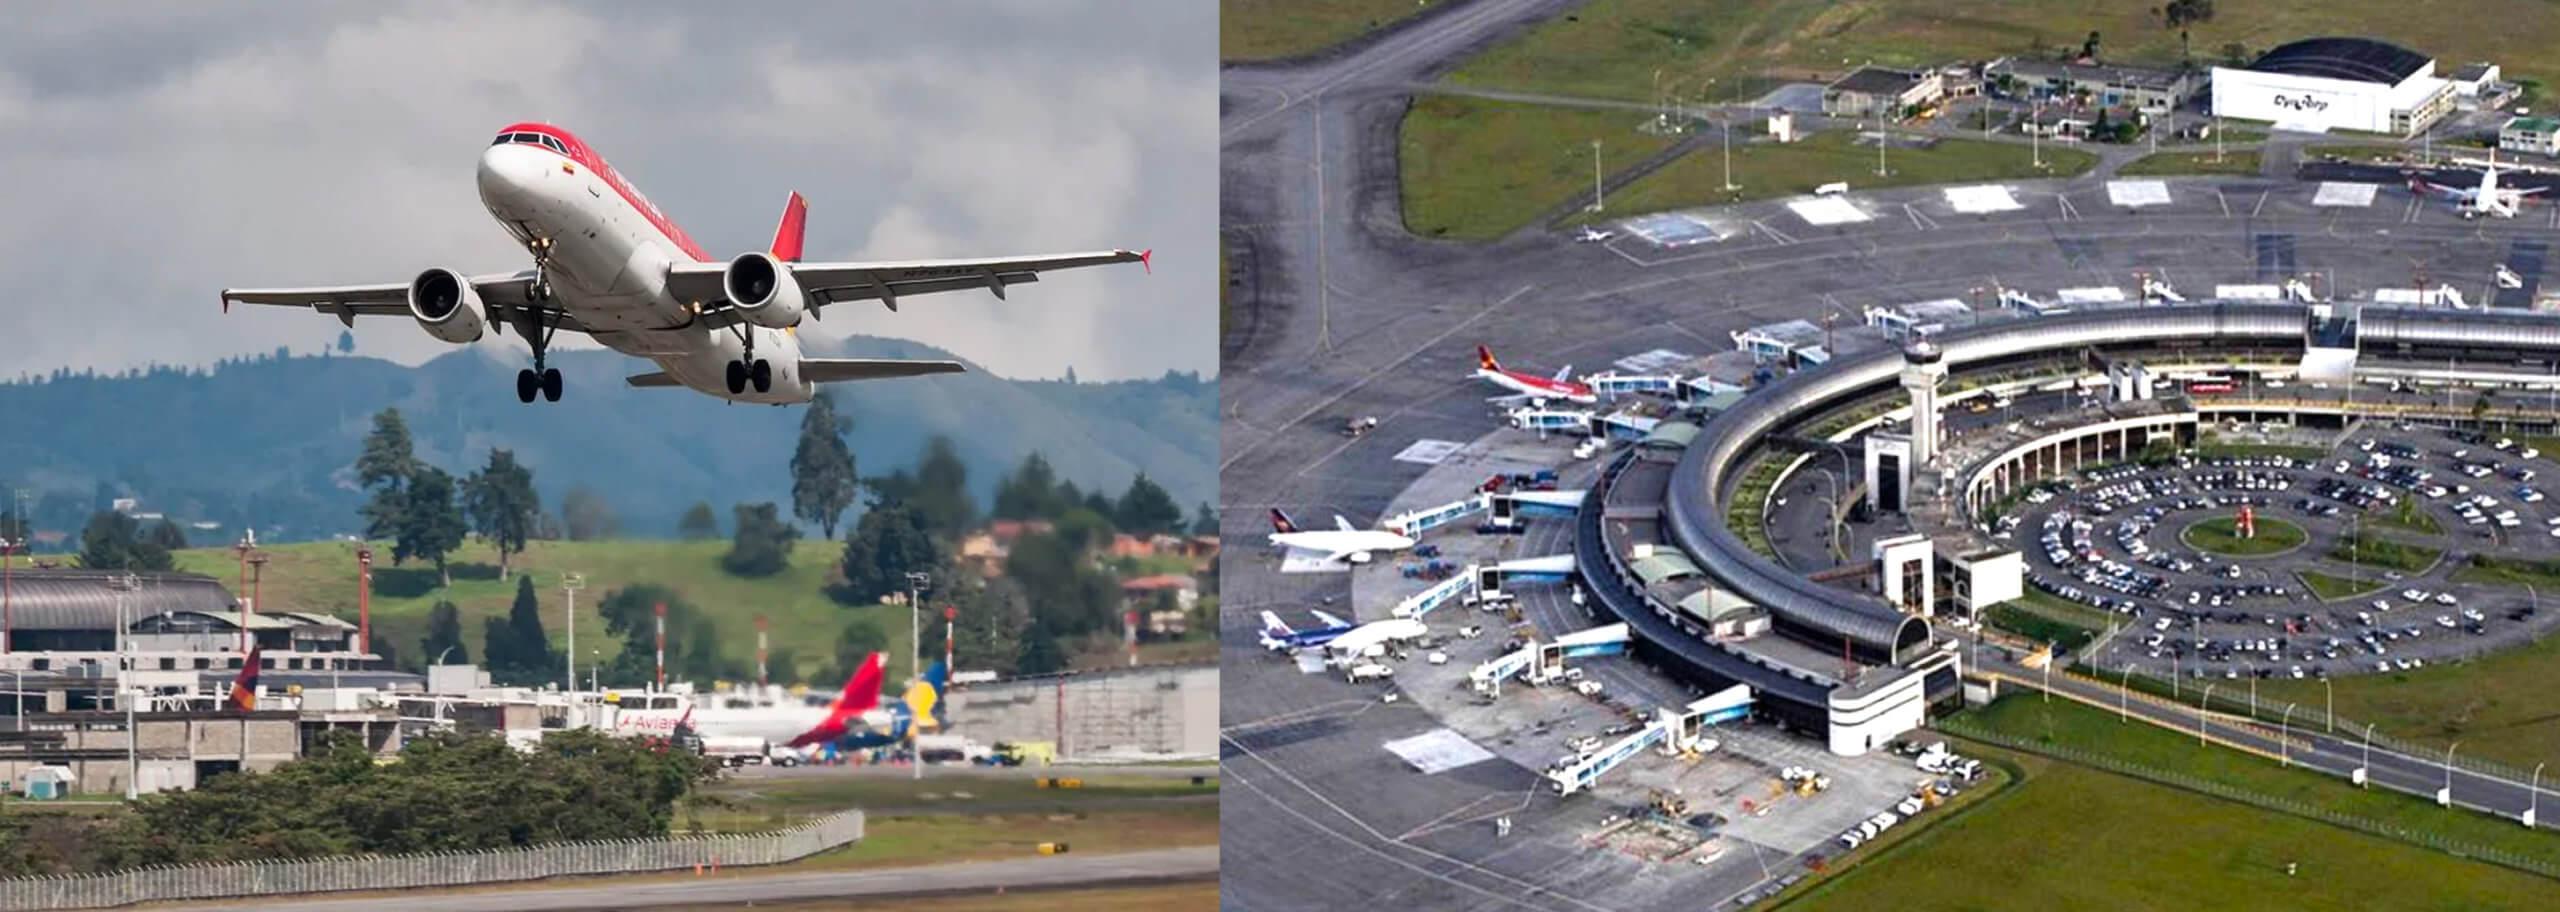 Proyecto de energización, Aeropuerto Internacional José María Córdoba de Rionegro